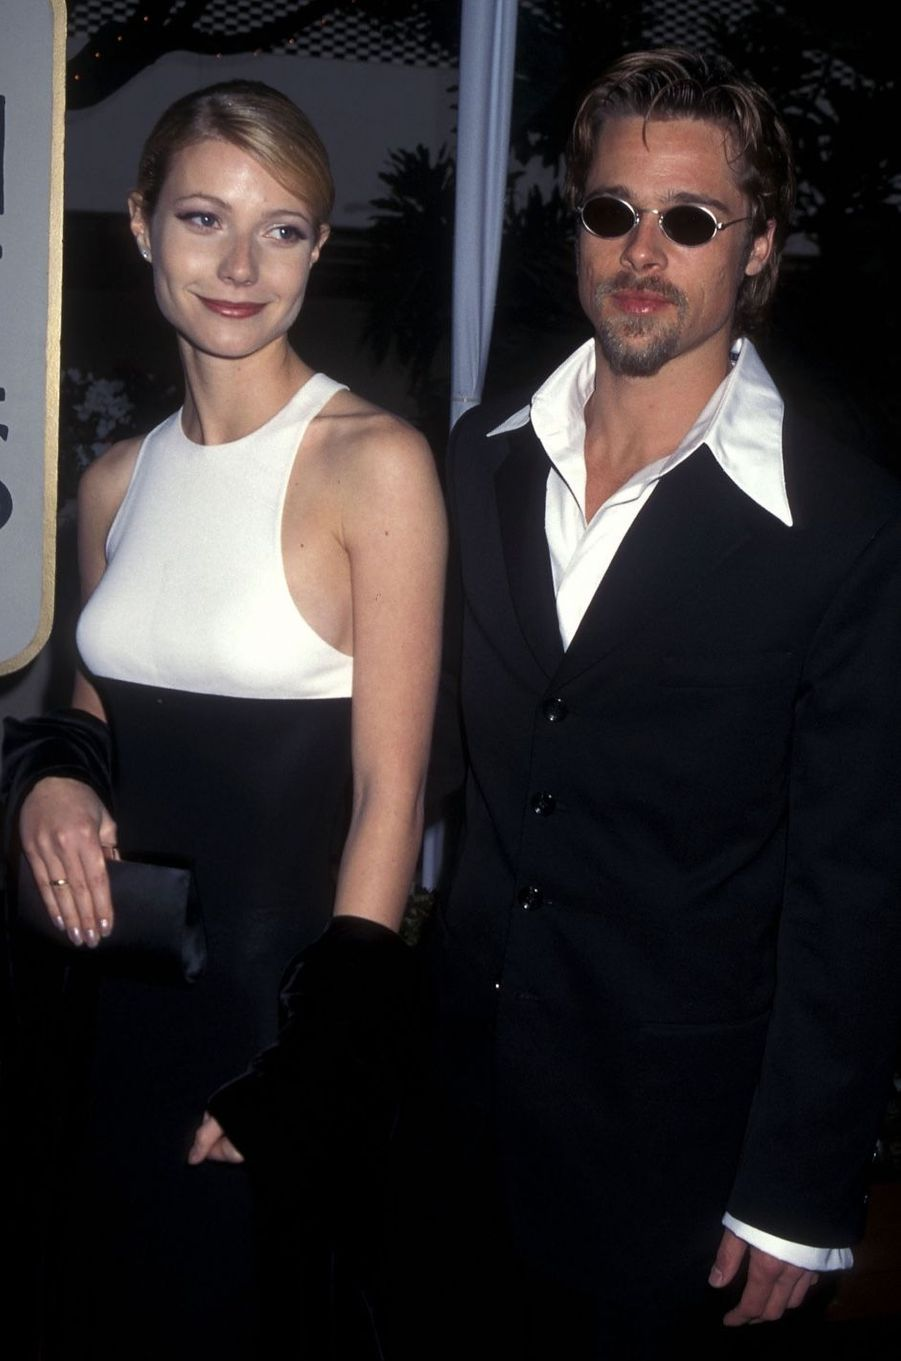 Brad Pitt et Gwyneth Paltrow en 1996. Leur relation s'est terminée en 1997 après trois années.